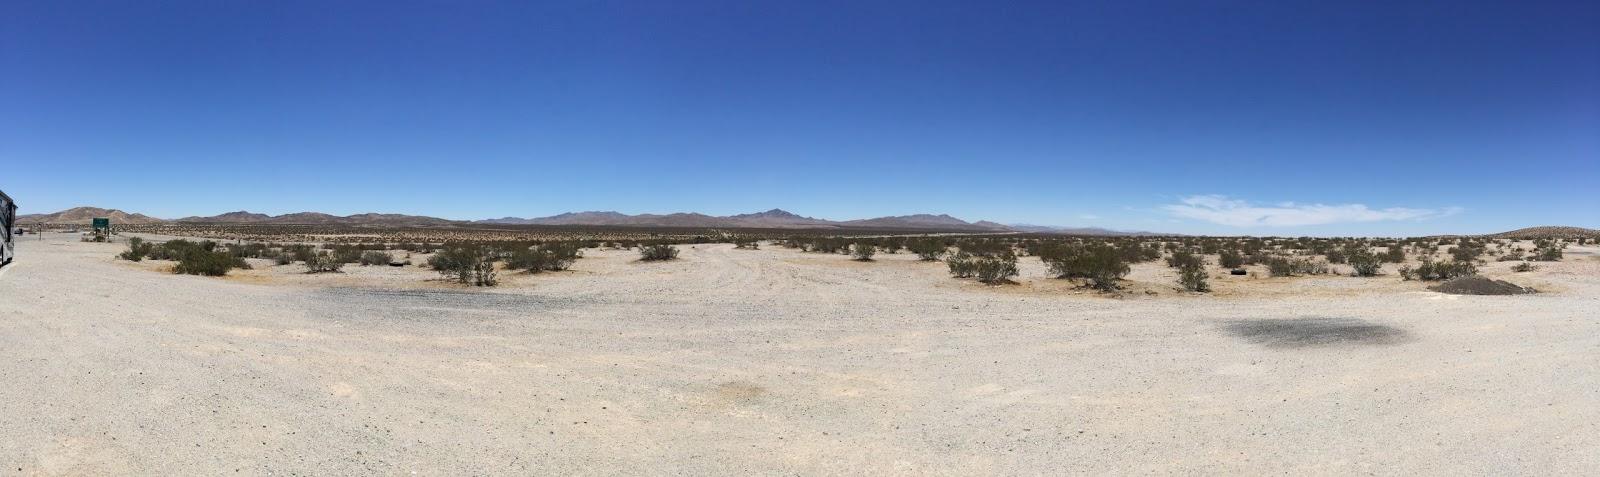 LA to Las Vegas panorama